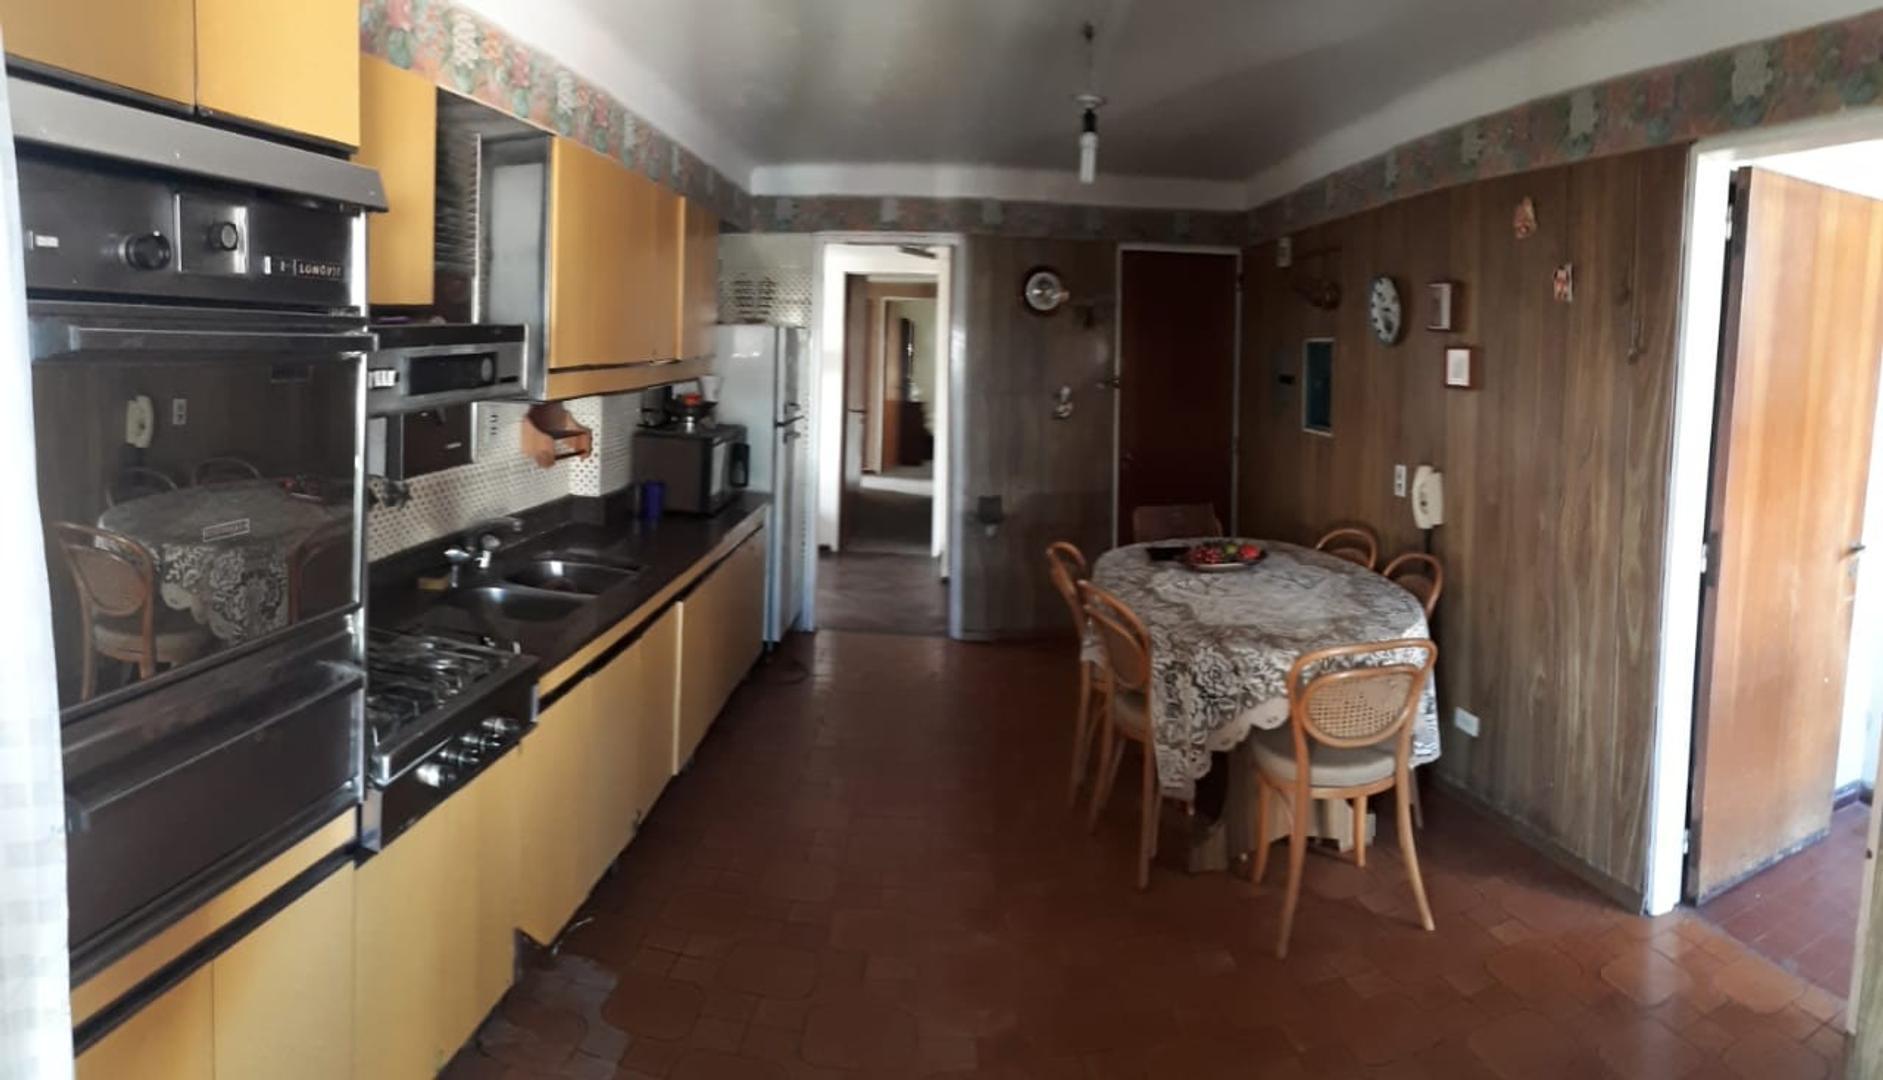 Ph - 112 m² | 3 dormitorios